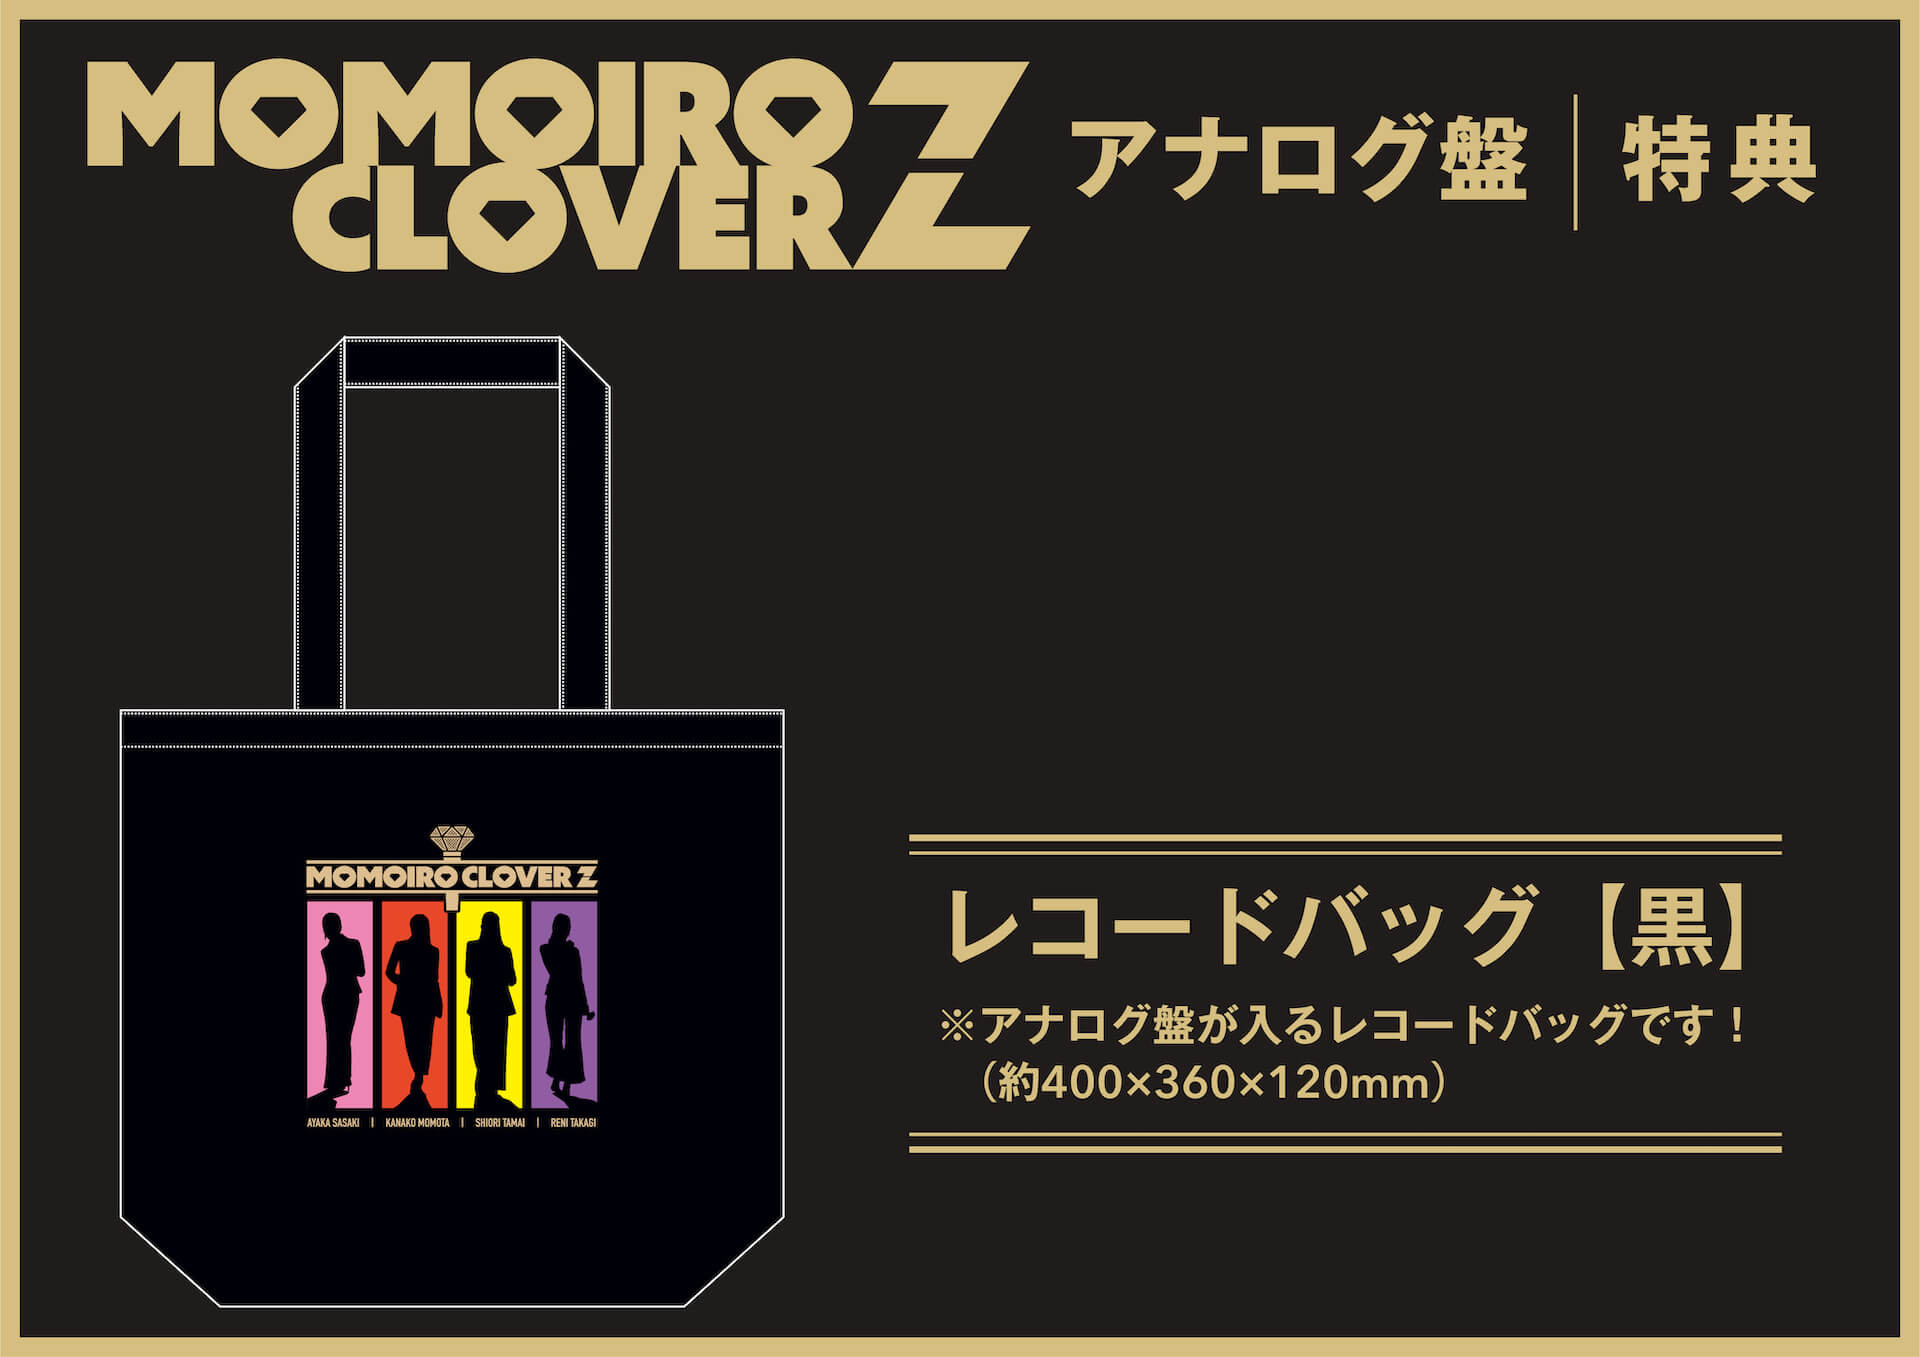 ももいろクローバーZ、東京キネマ倶楽部での公演Blu-ray&DVDと『MOMOIRO CLOVER Z』アナログ盤のジャケット写真公開!応援店特典も解禁 music191202_momokuro_kinema_7